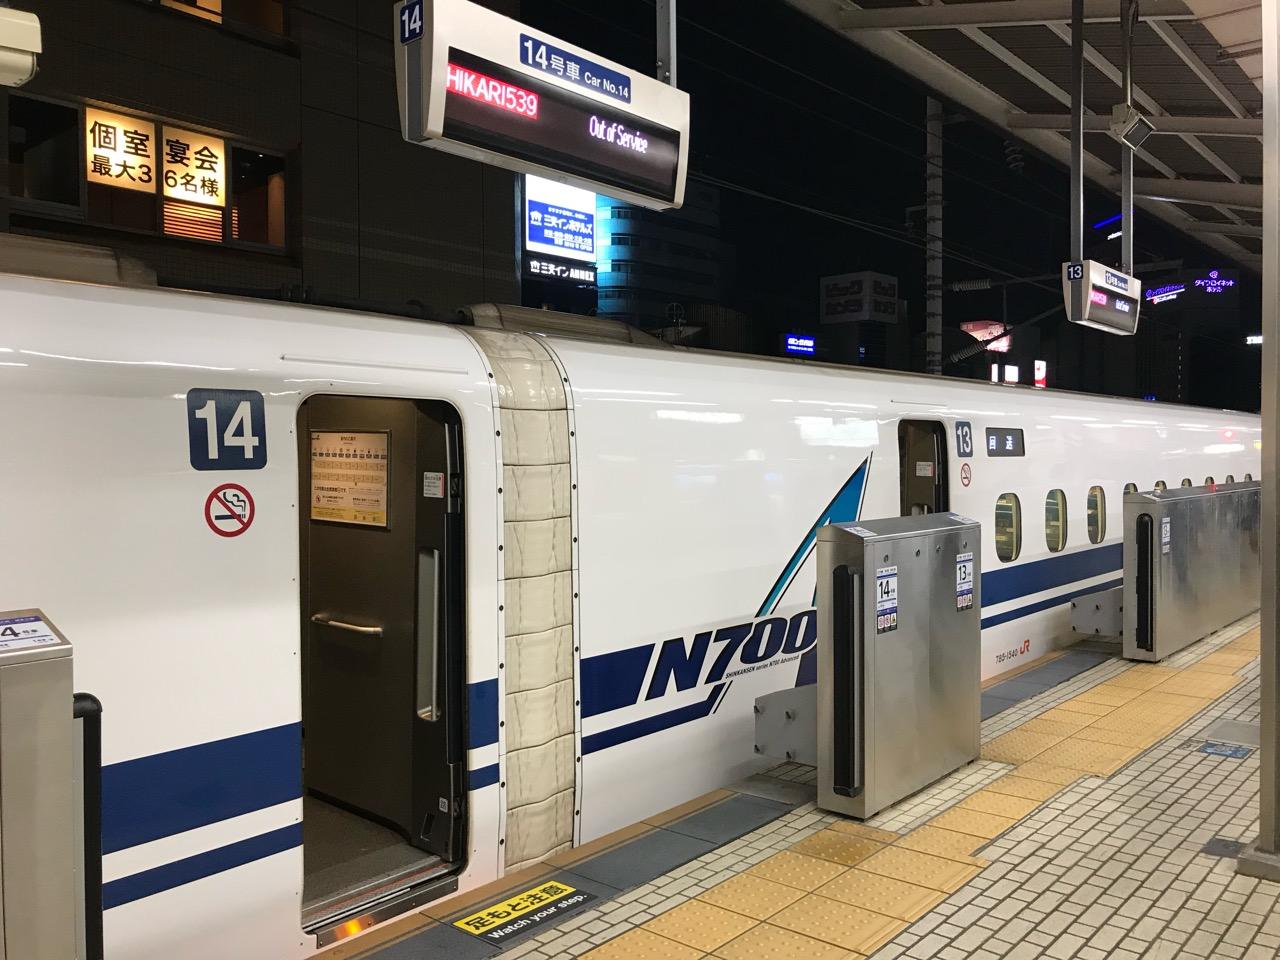 東京発、名古屋行きの最終新幹線、ひかり539号に乗って